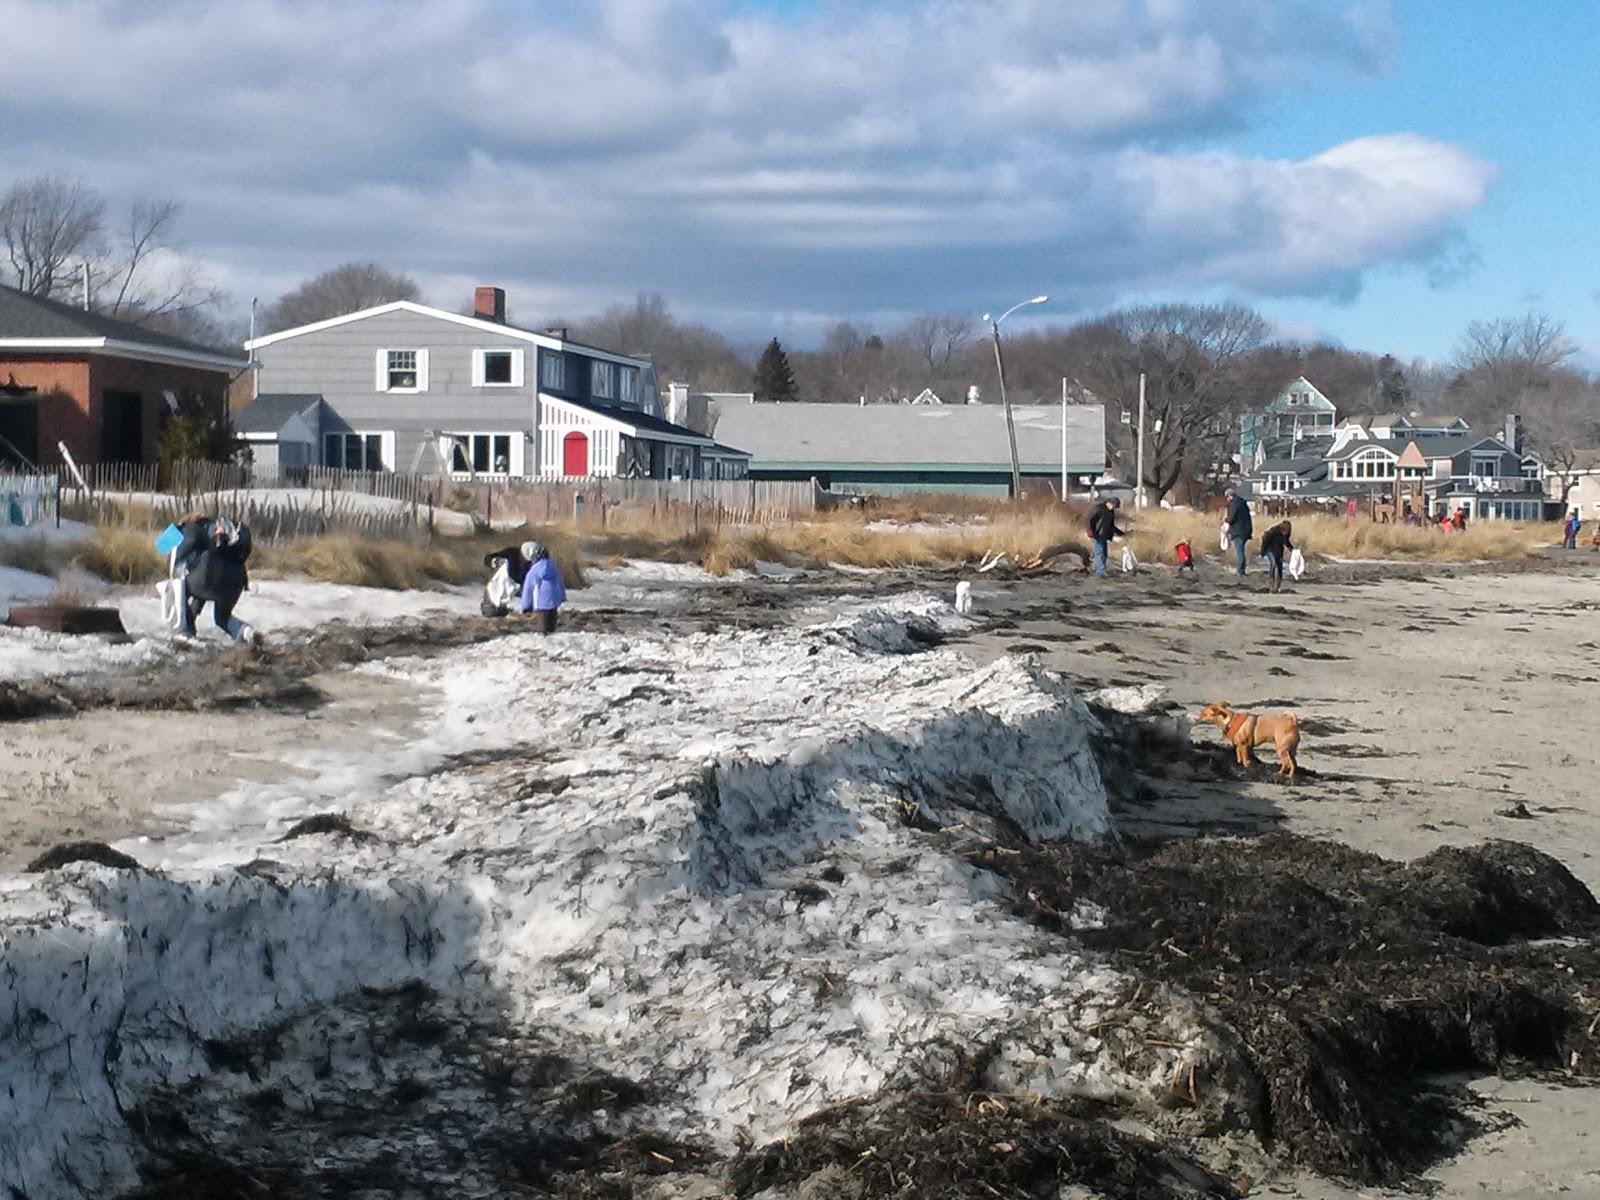 Nh marine debris adopt a beach program expands to south for Bjs portland maine